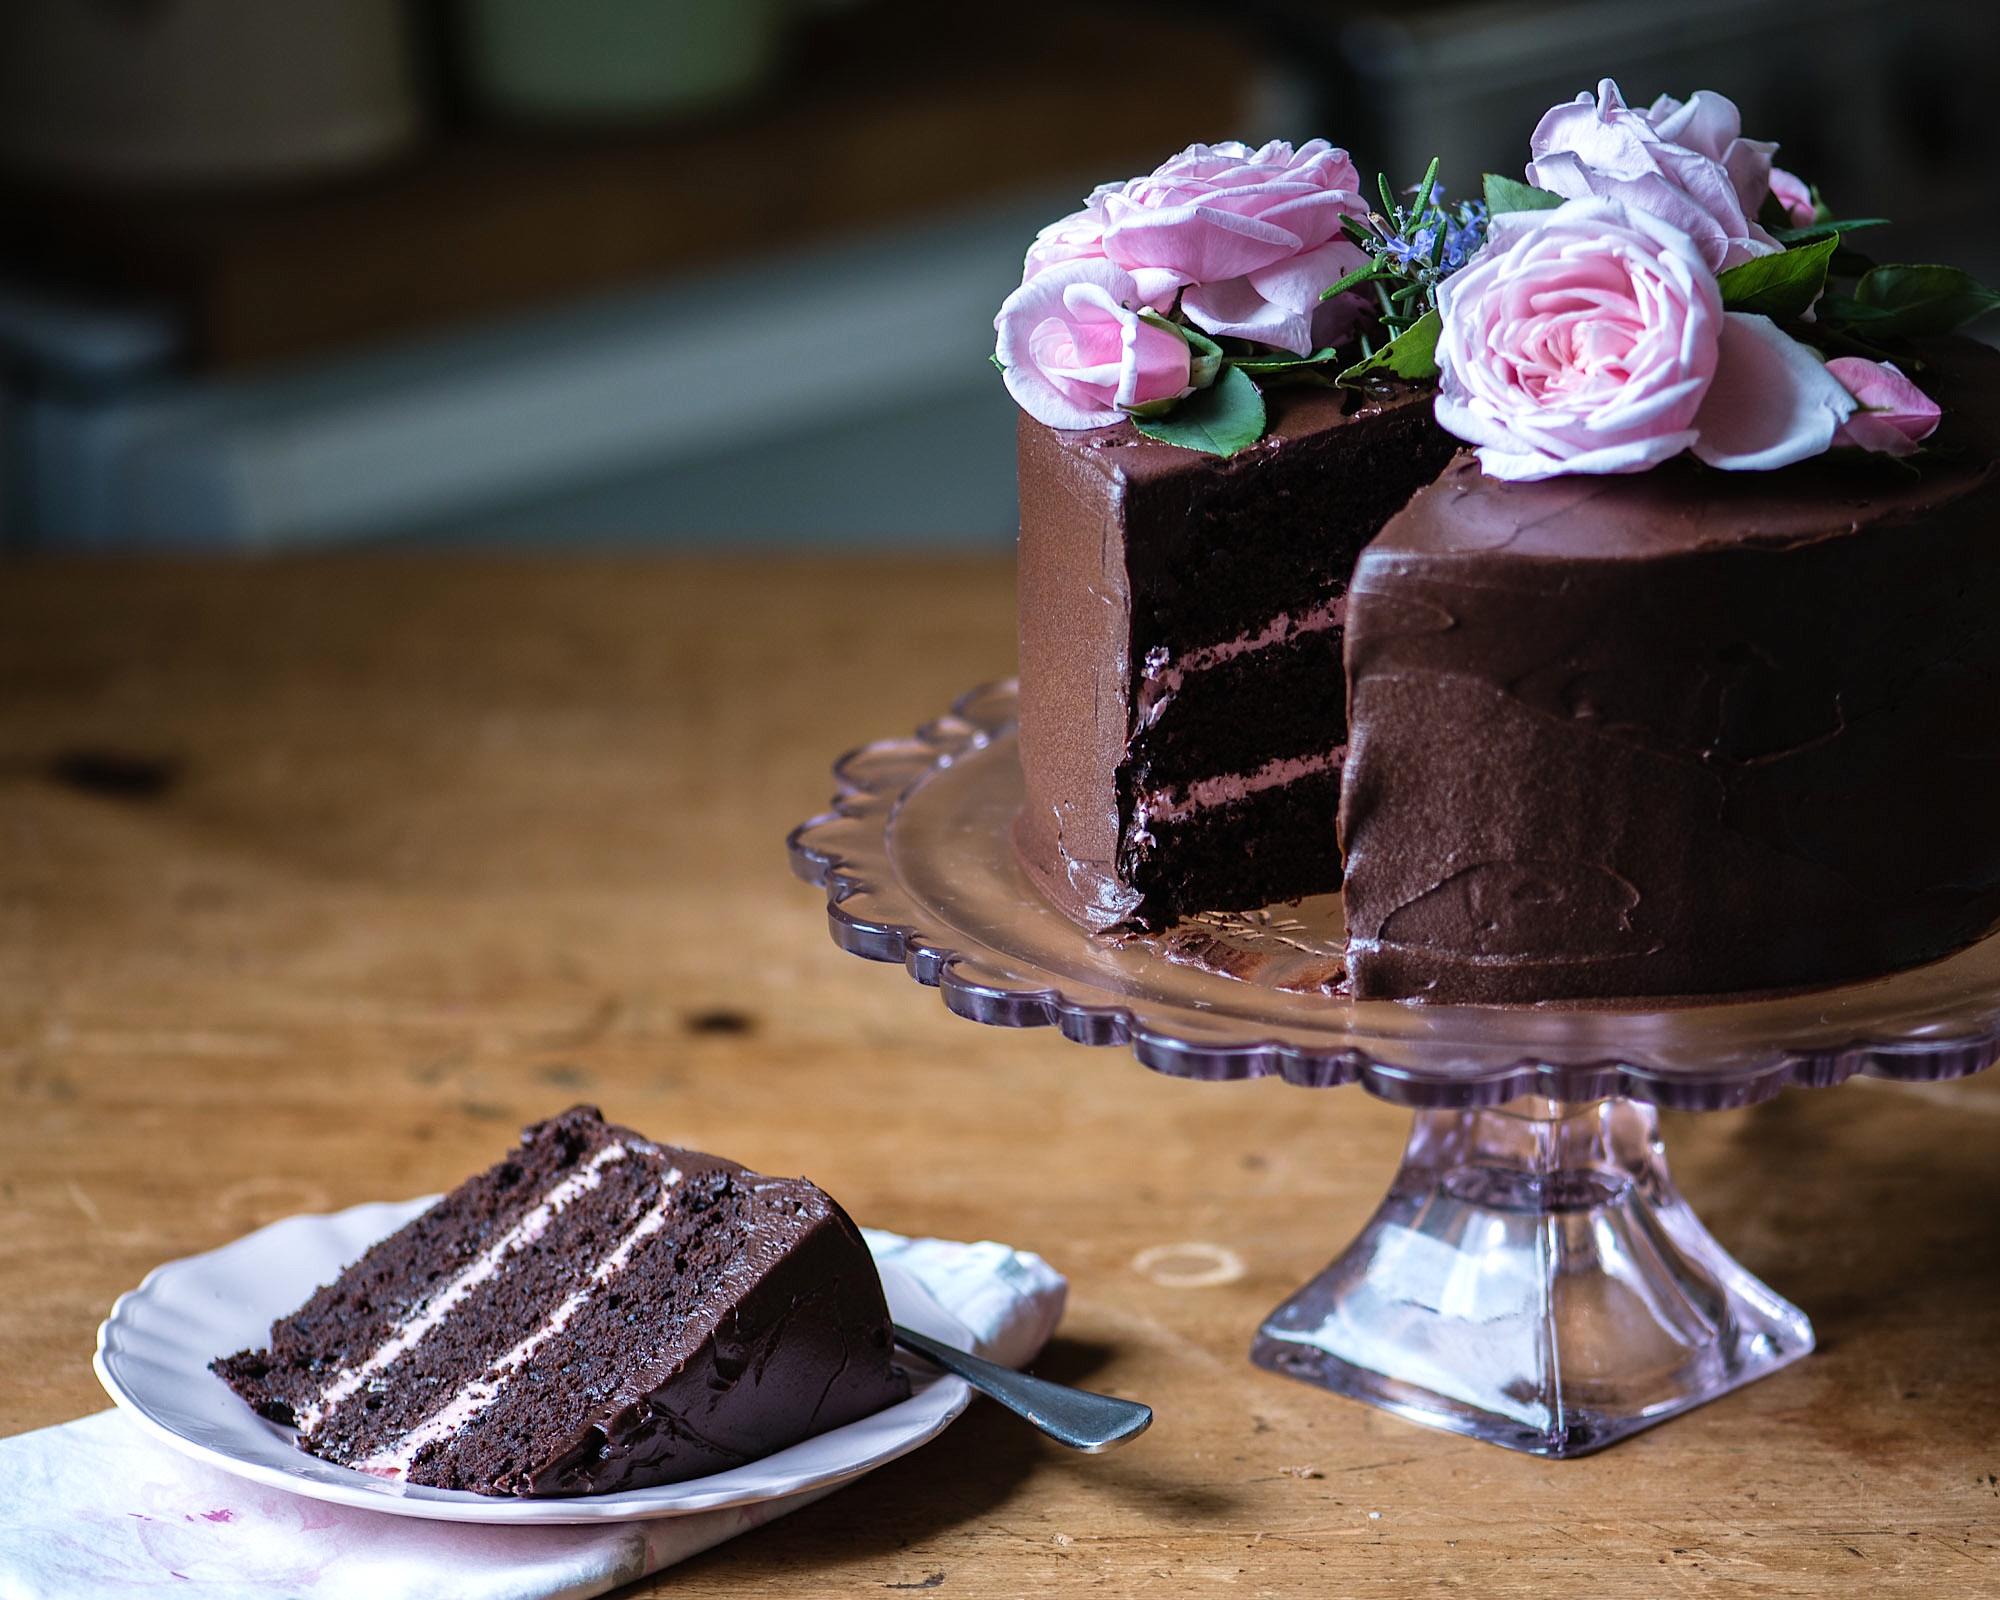 Jude-Choc-Cake-93